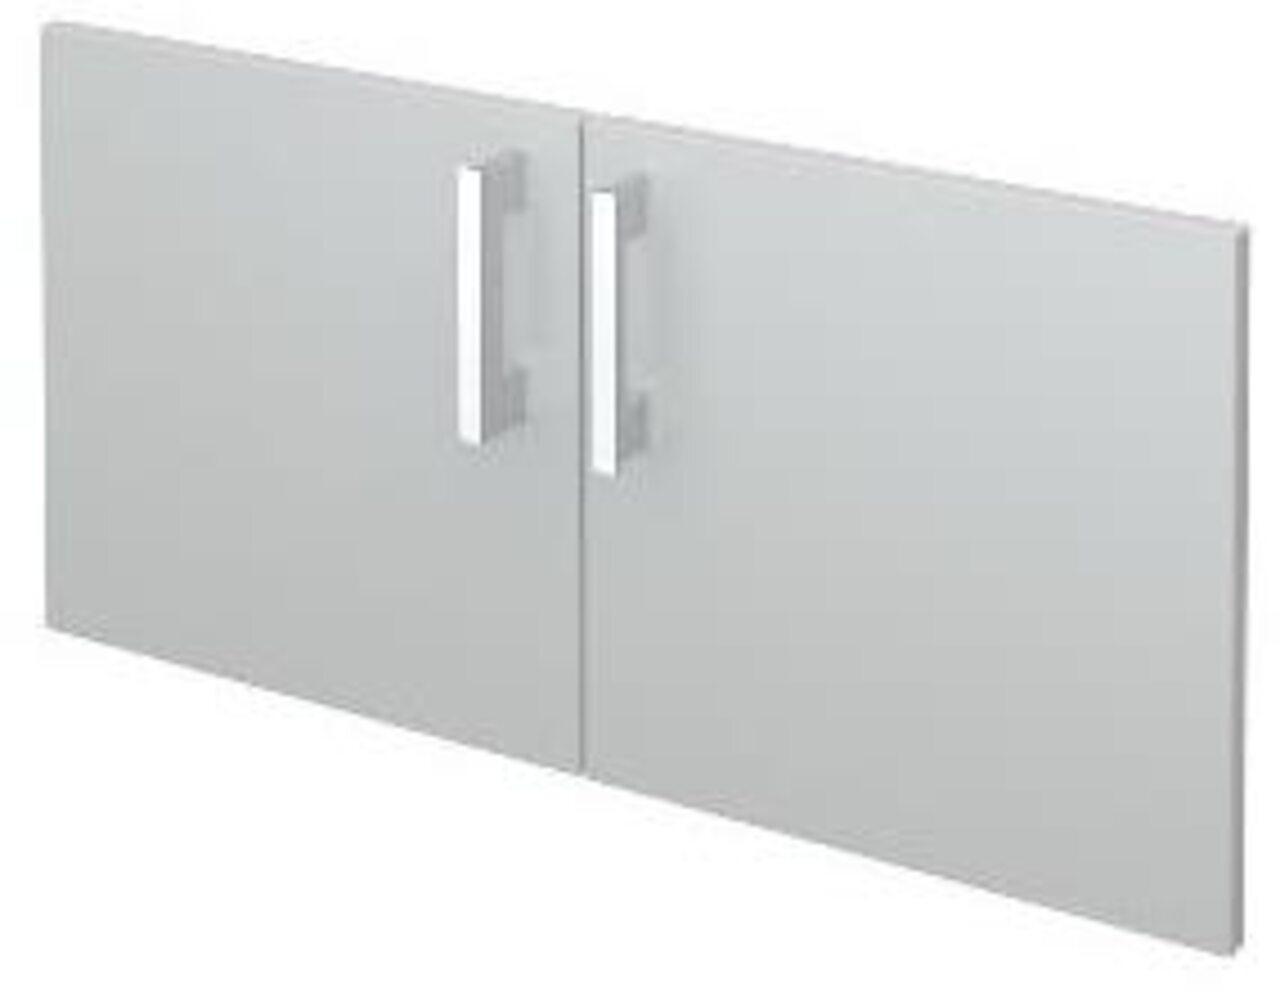 Двери для антресоли  Арго 71x2x39 - фото 4